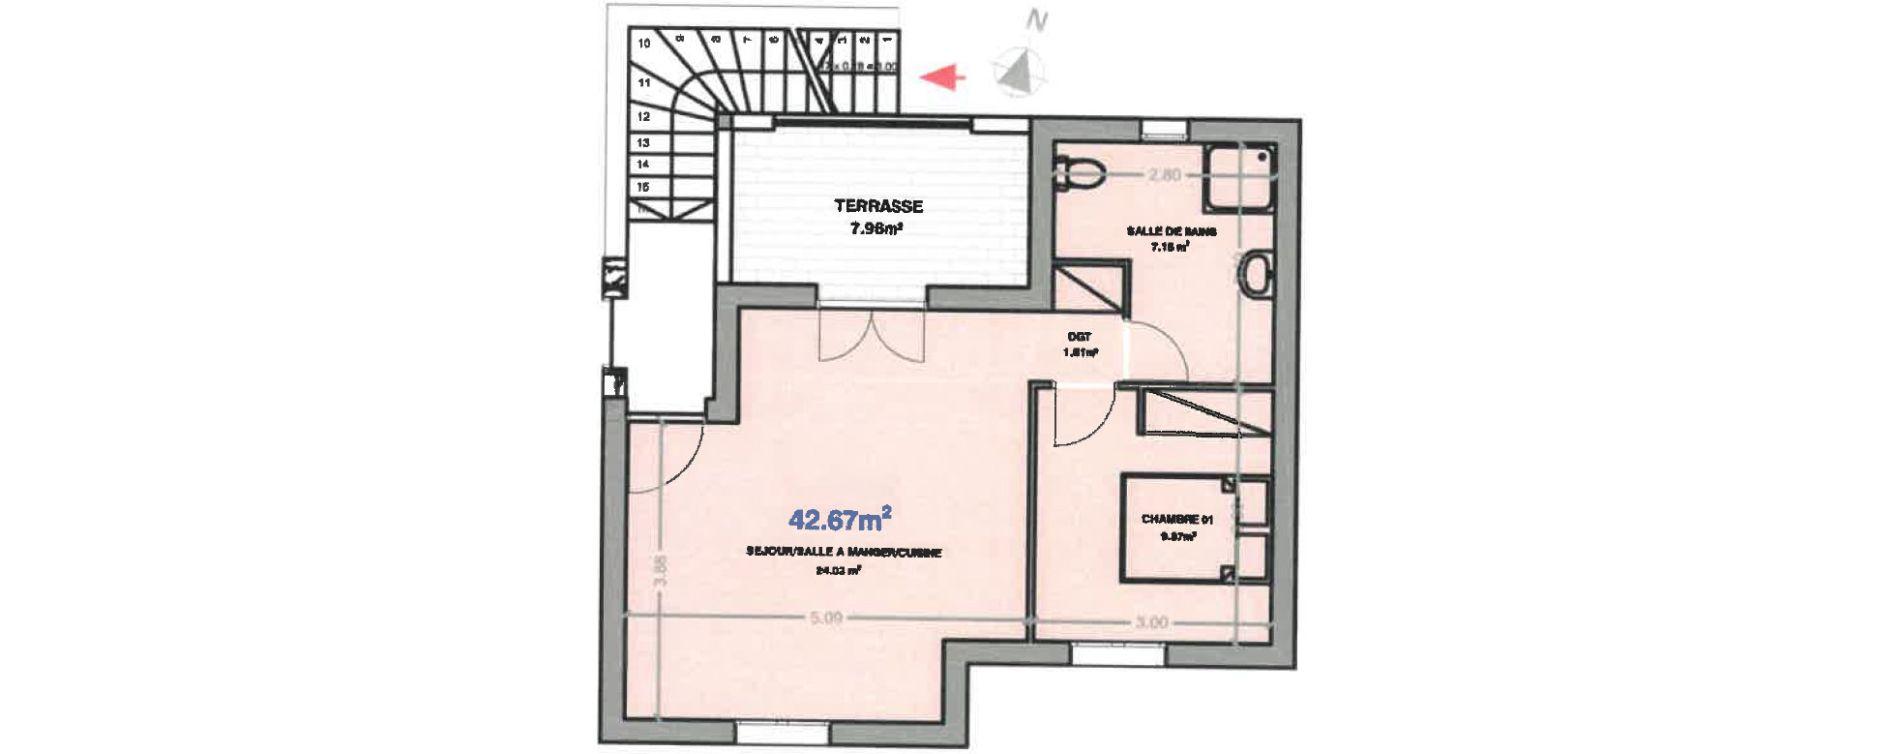 Appartement T2 de 42,67 m2 à Calenzana Centre